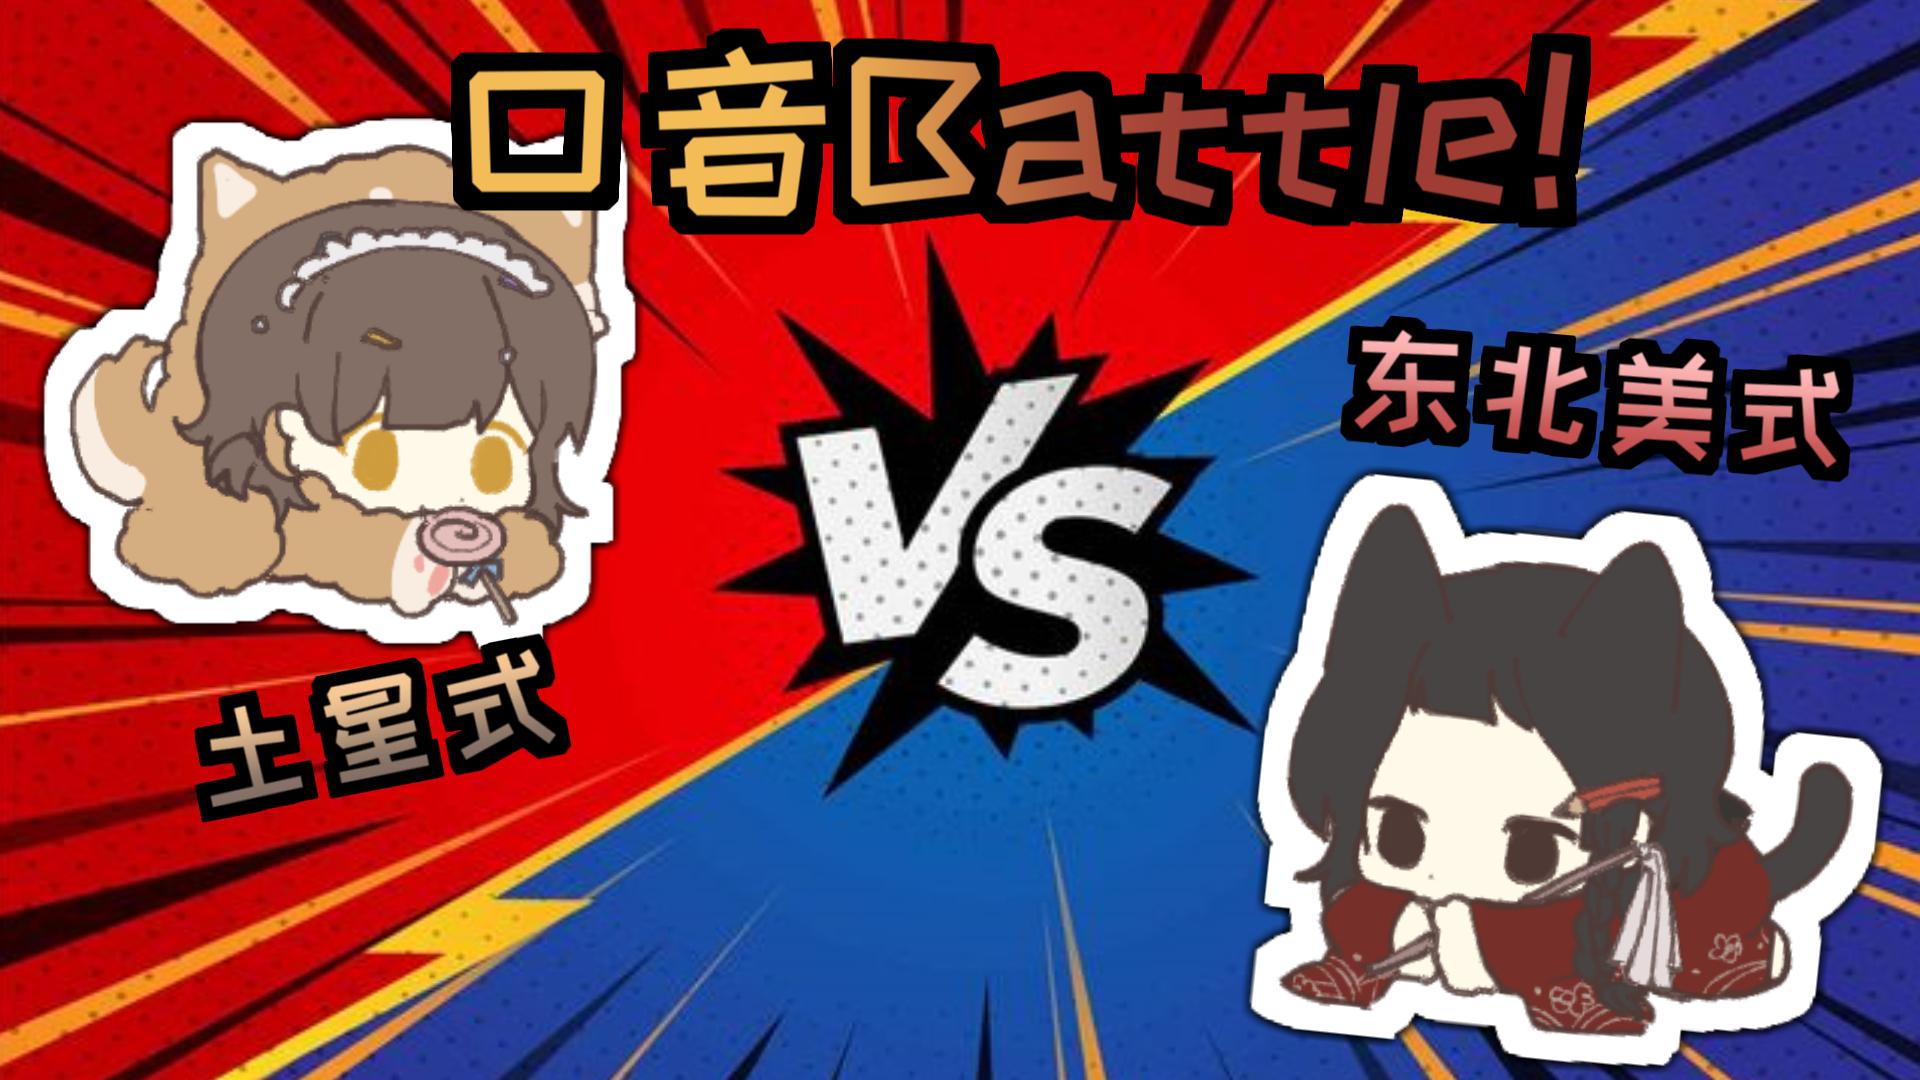 【超A新生活动】口音Battle!